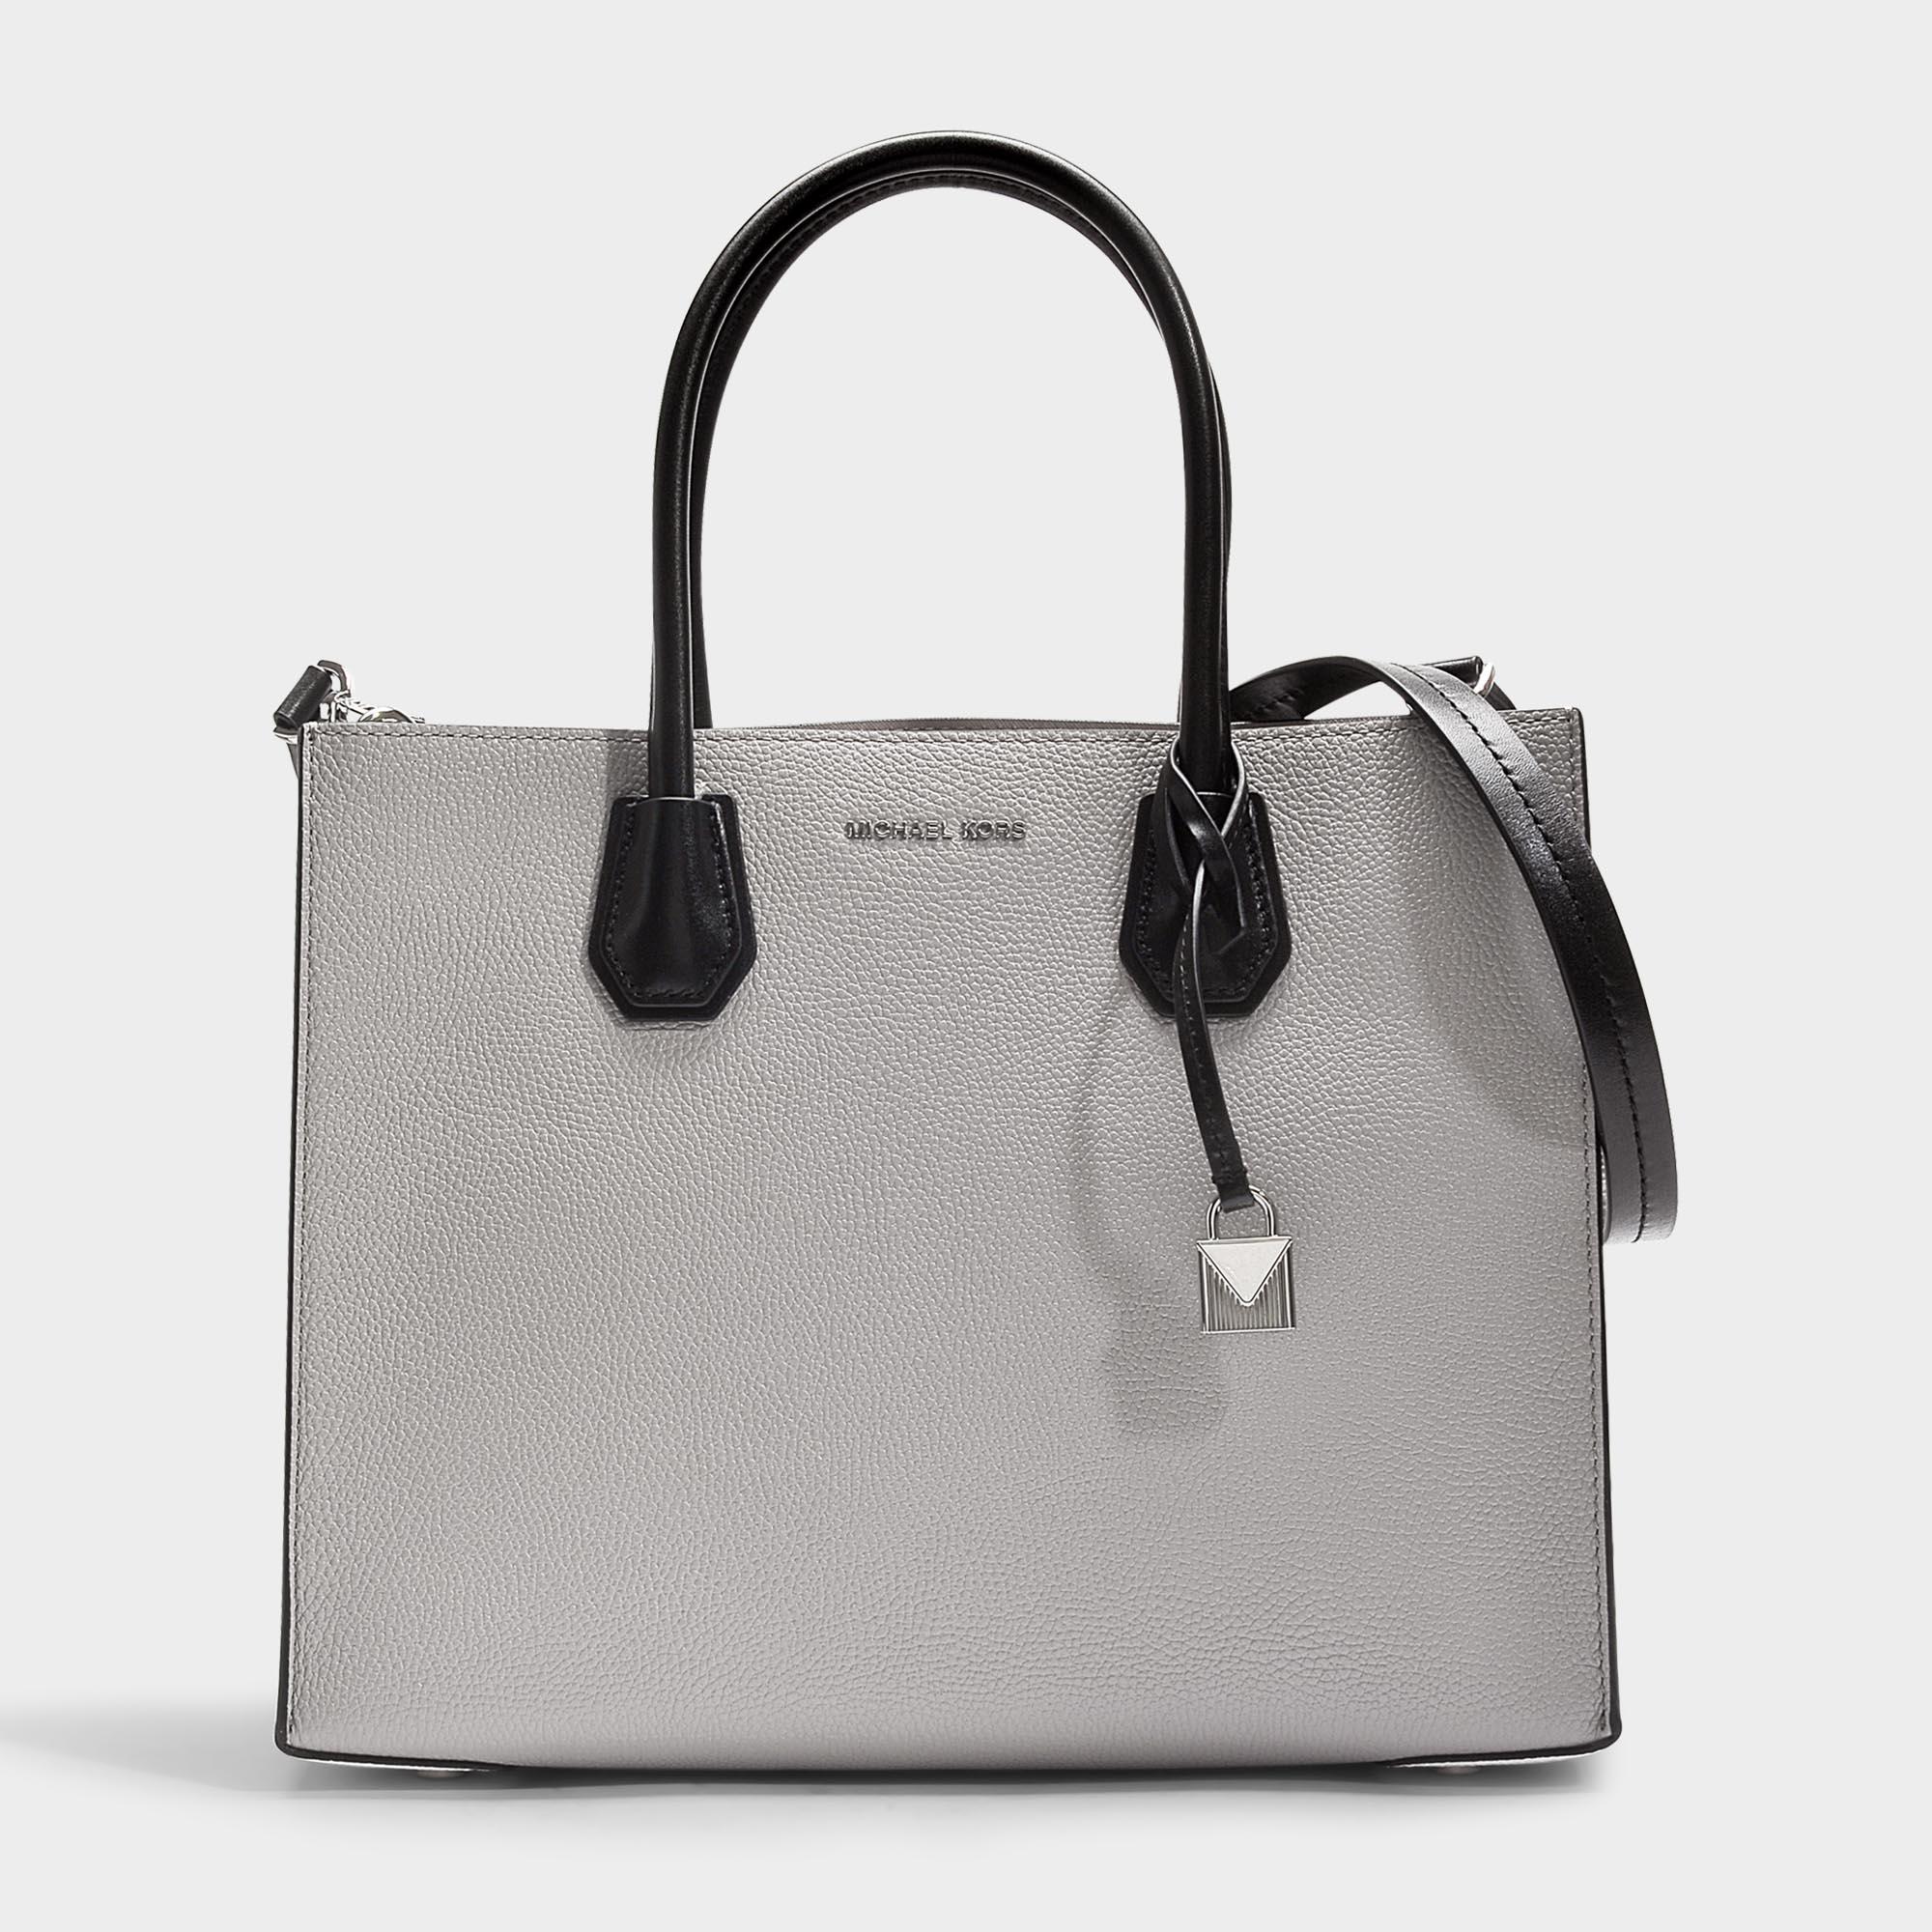 648235adb7e5 MICHAEL Michael Kors Mercer Large Convertible Tote Bag In Pearl Grey ...